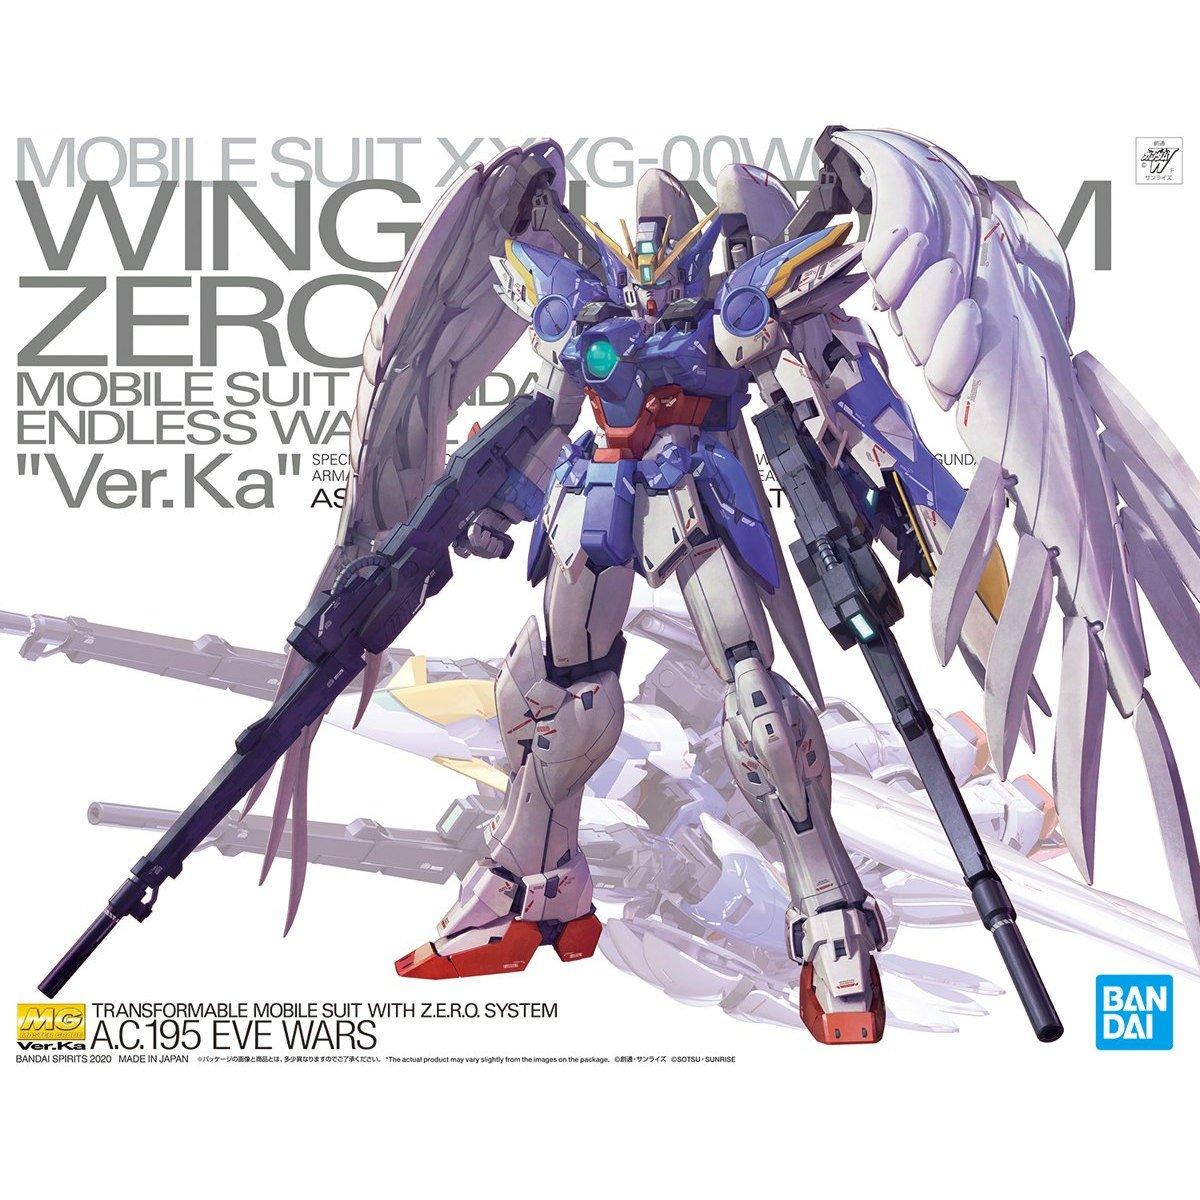 BANDAI 鋼彈組合模型 MG 1/100 飛翼鋼彈零式EW Ver.Ka